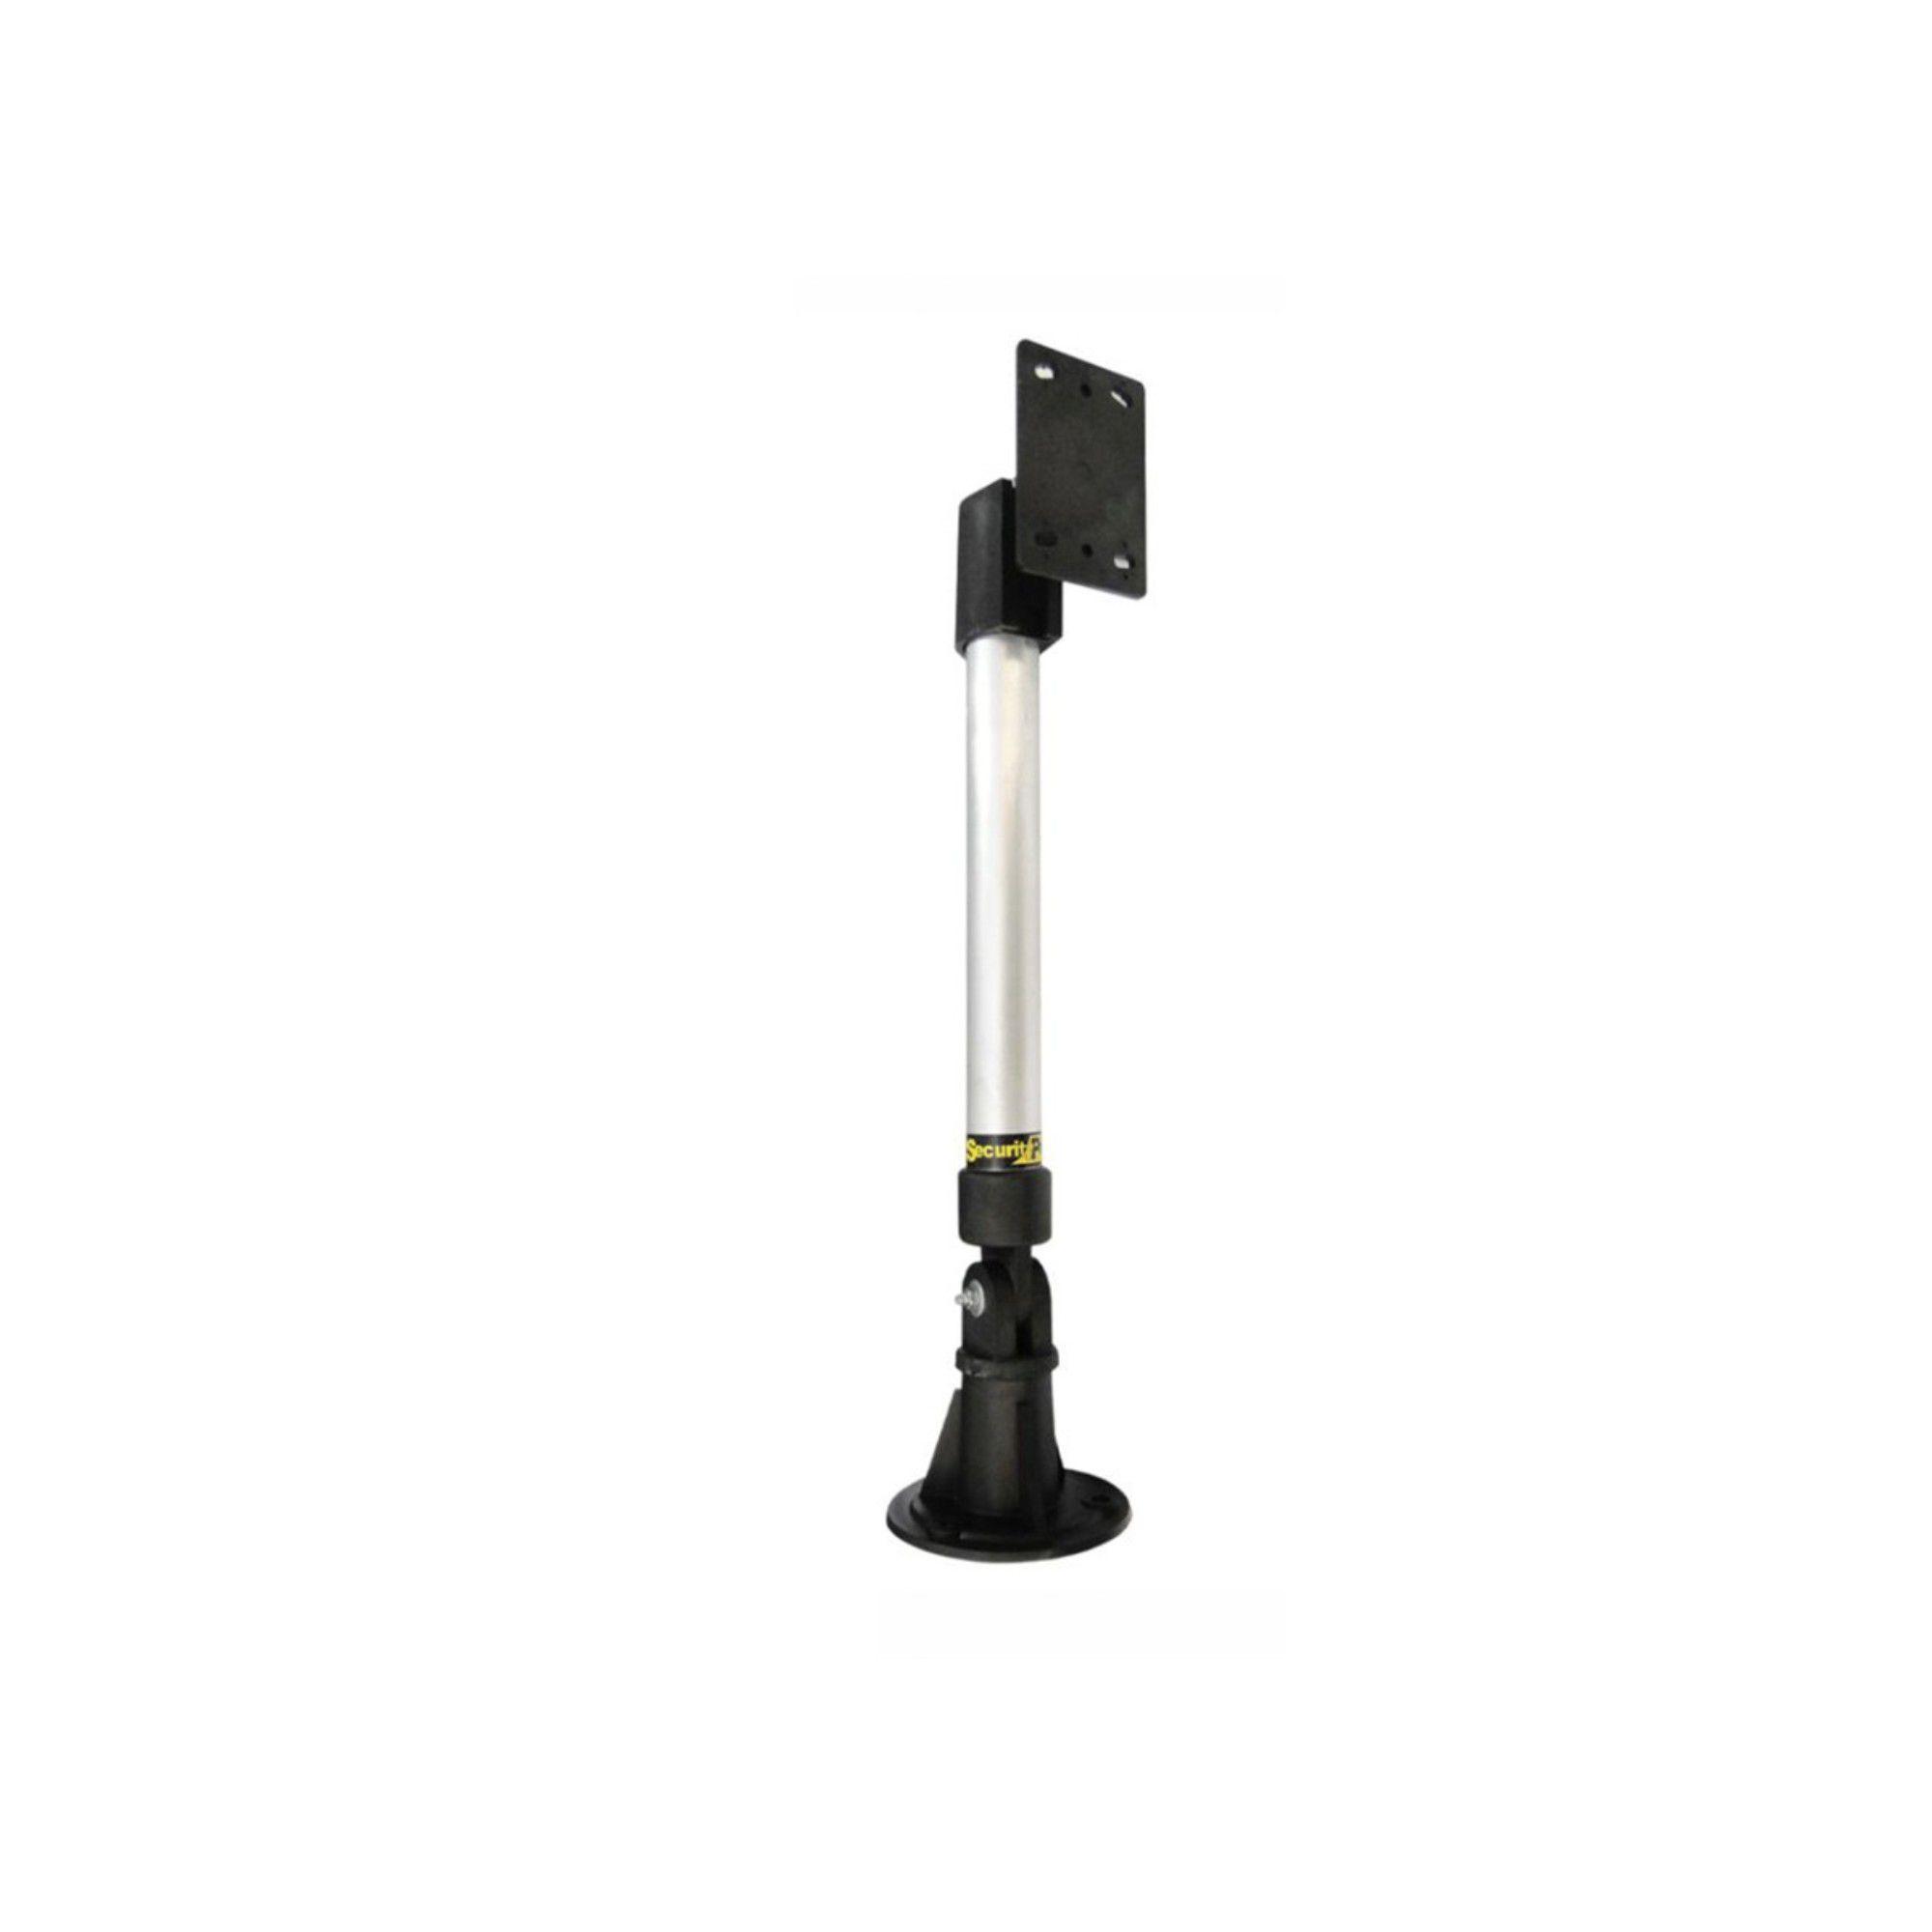 Suporte Siba Alumínio P/ Câmera e Sensor de Barreira C/ 1M